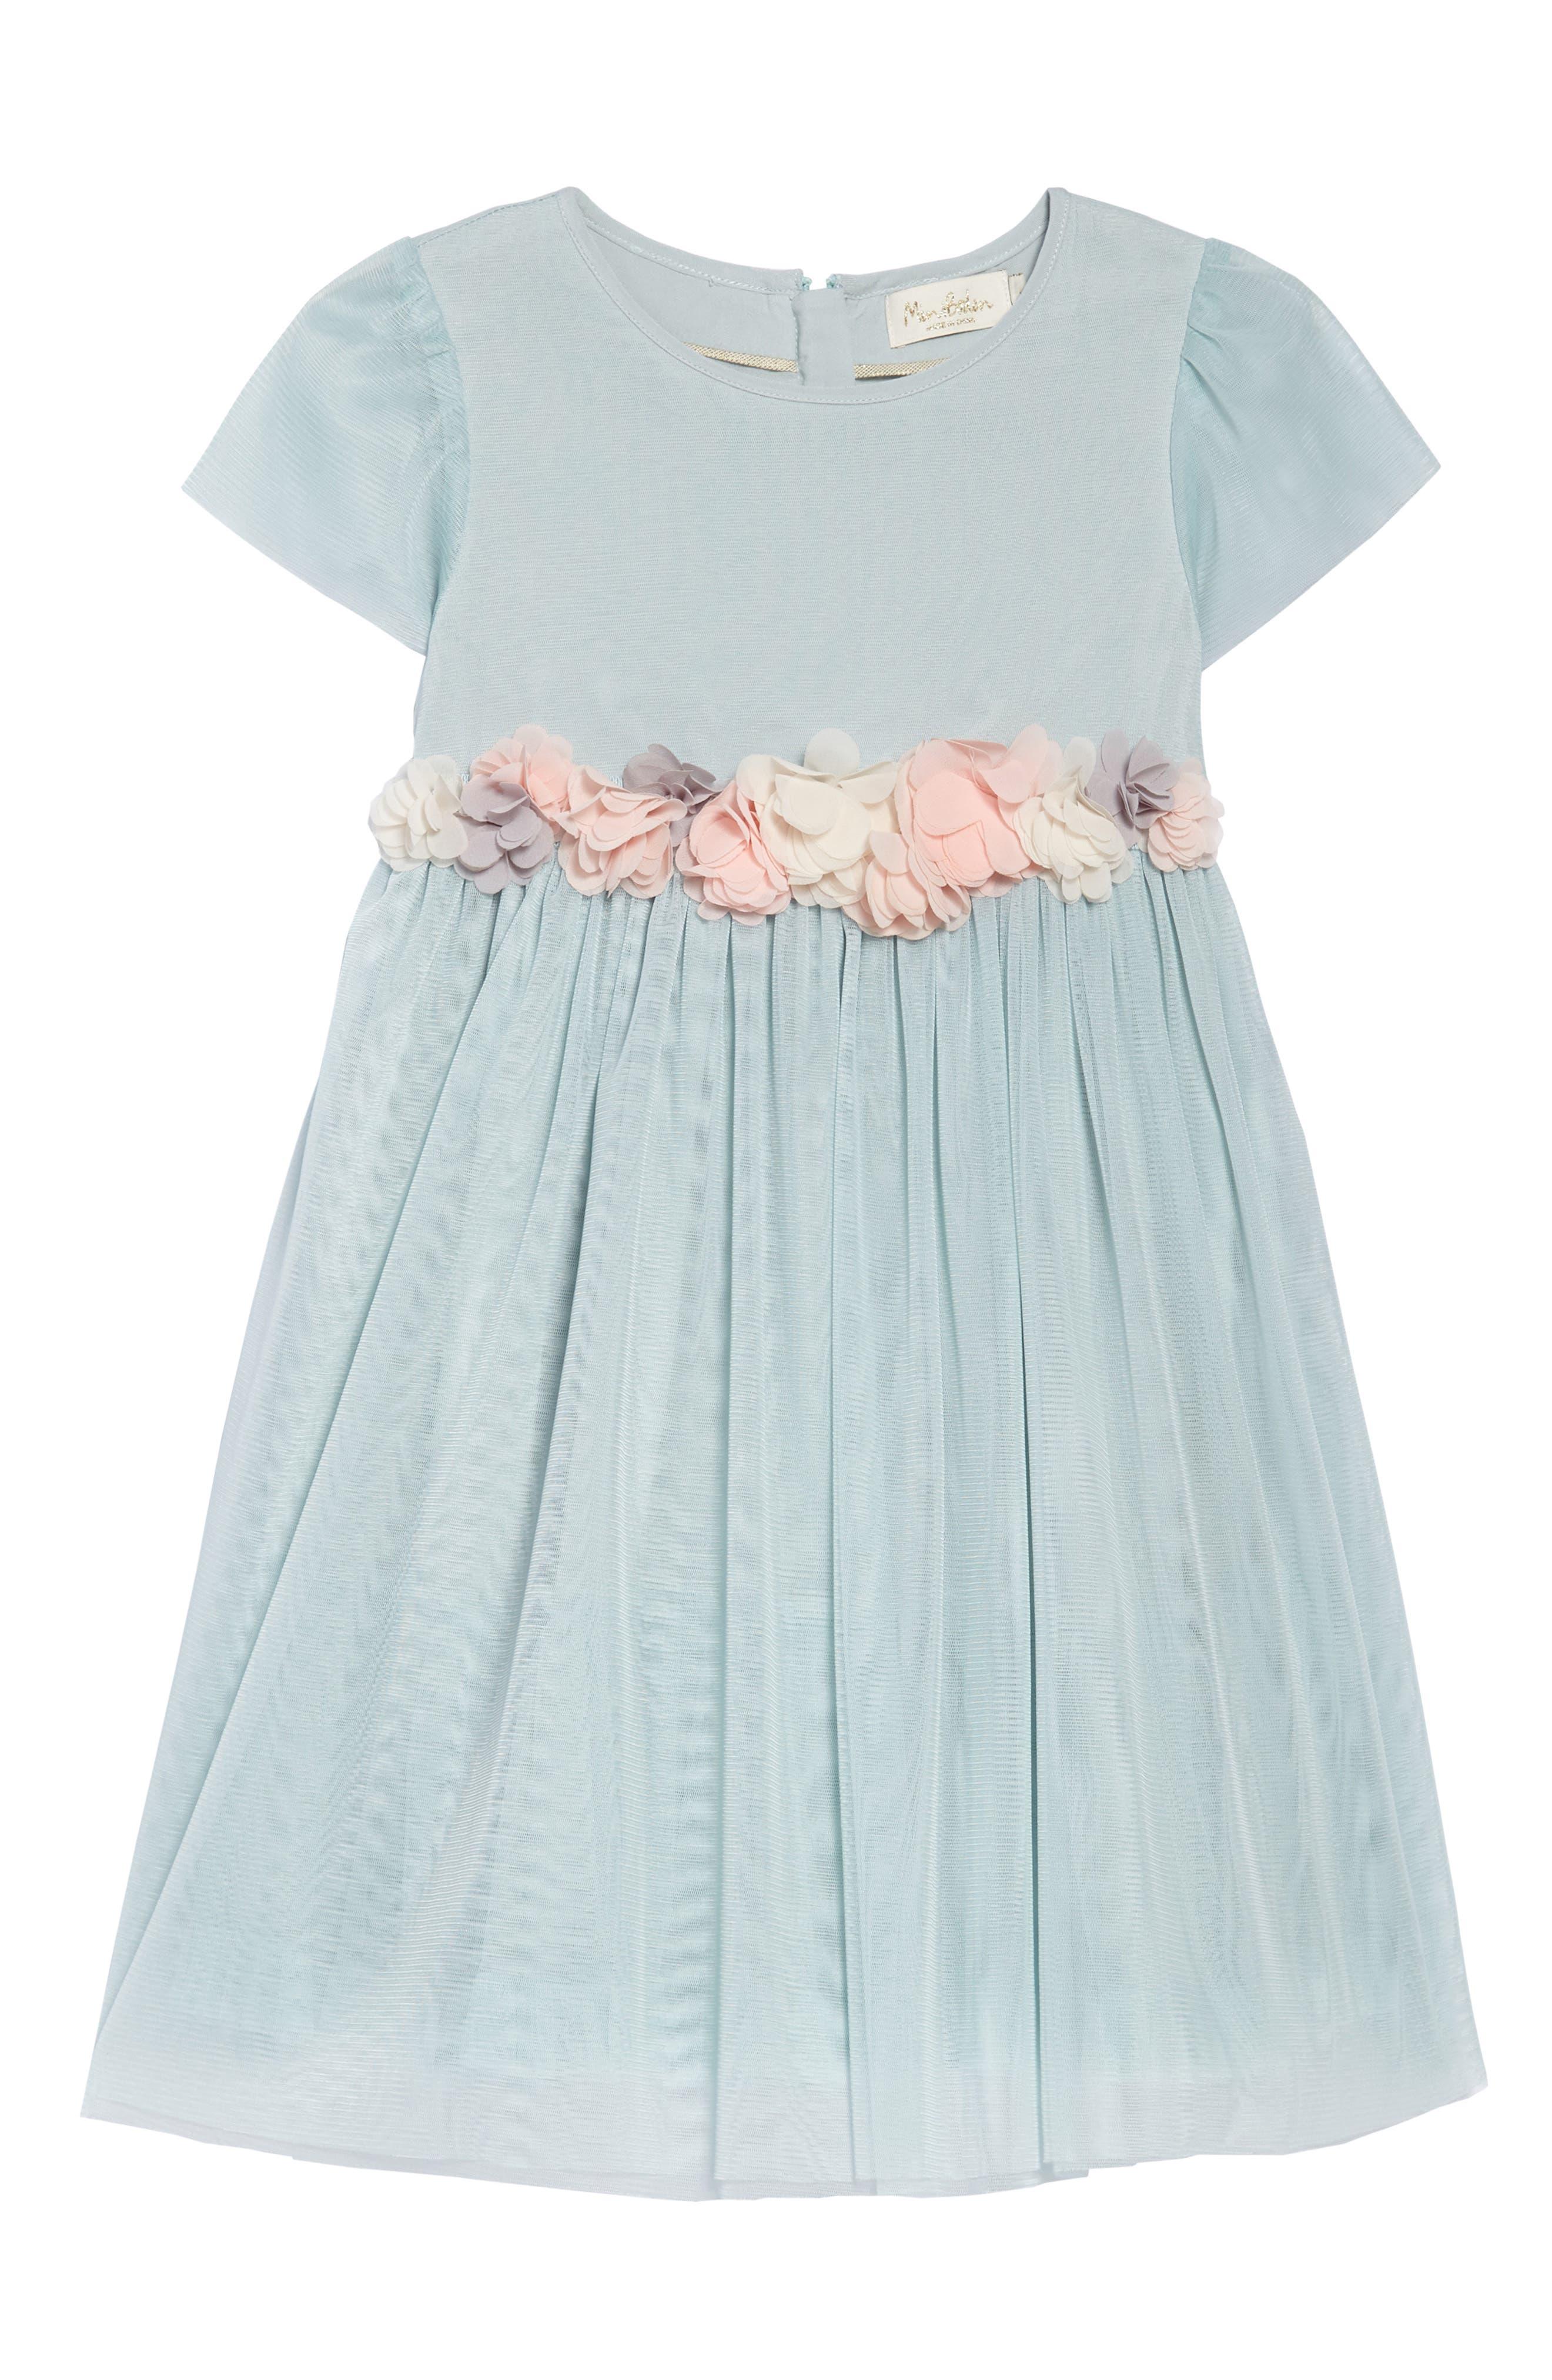 Mini Boden Cap Sleeve Tulle Dress (Toddler Girls, Little Girls & Big Girls)